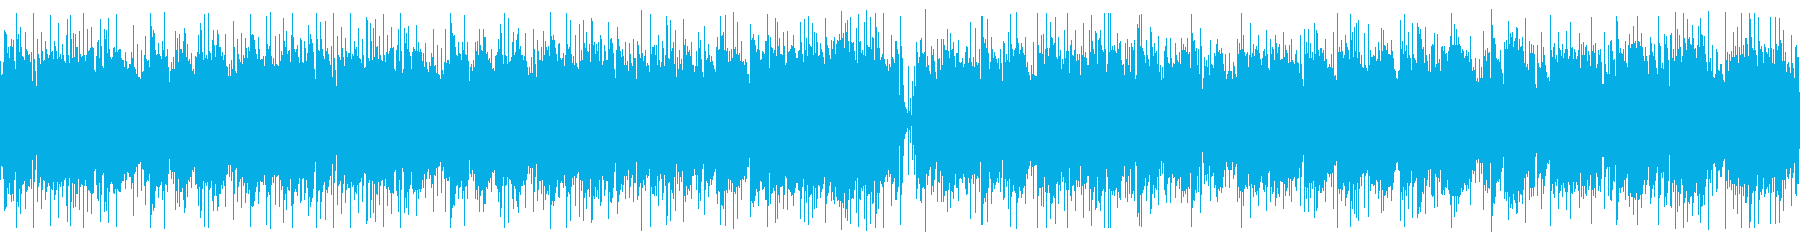 フィガロの結婚 アシッドジャズの再生済みの波形